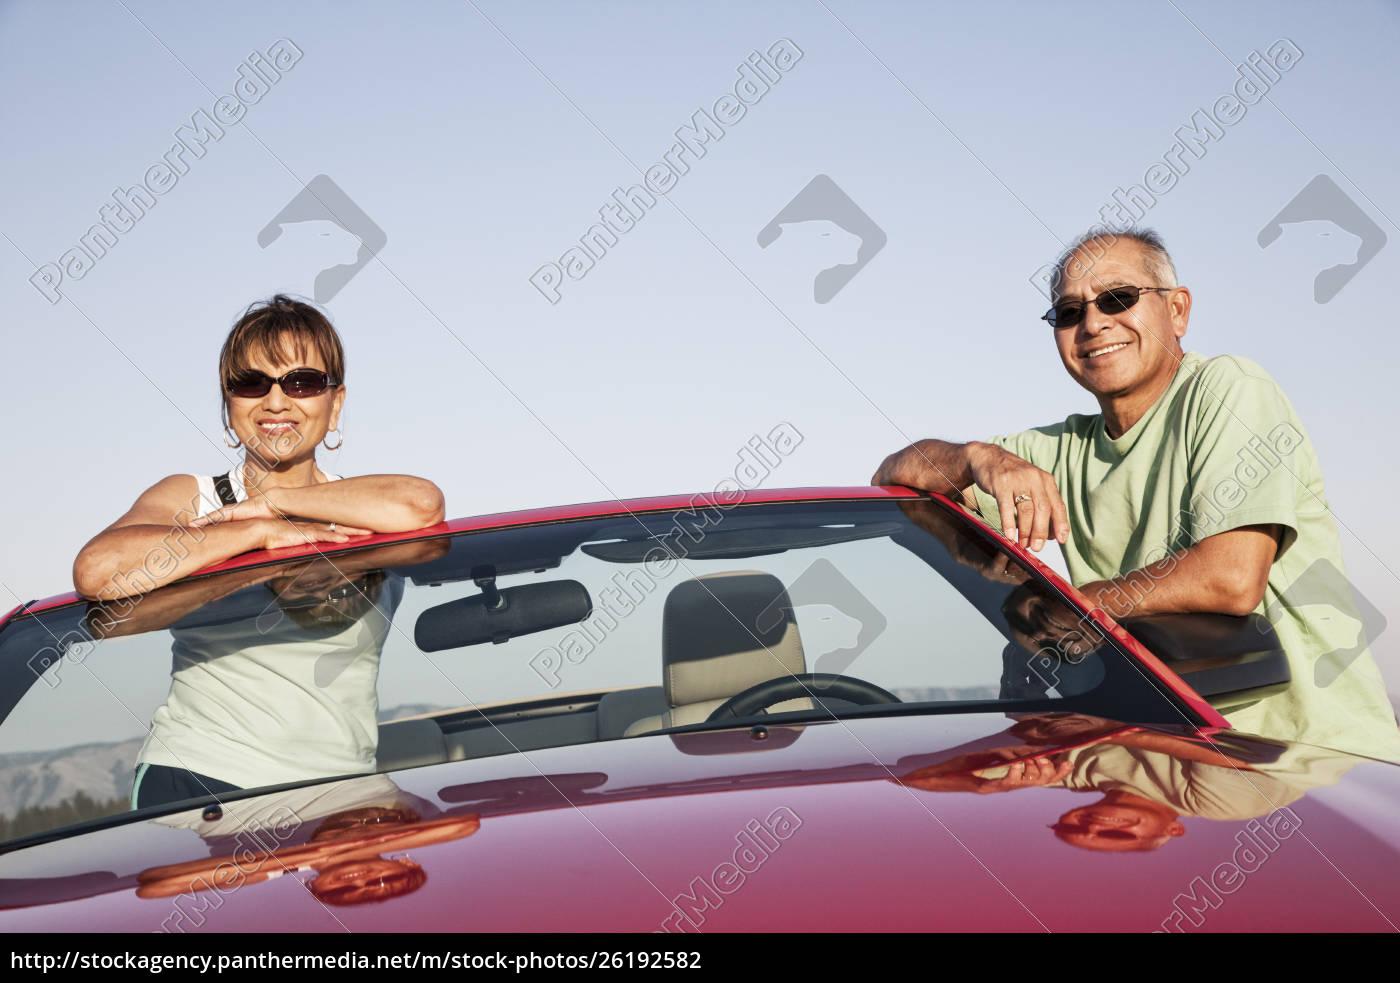 ein, hippes, älteres, hispanisches, paar, auf, einer - 26192582